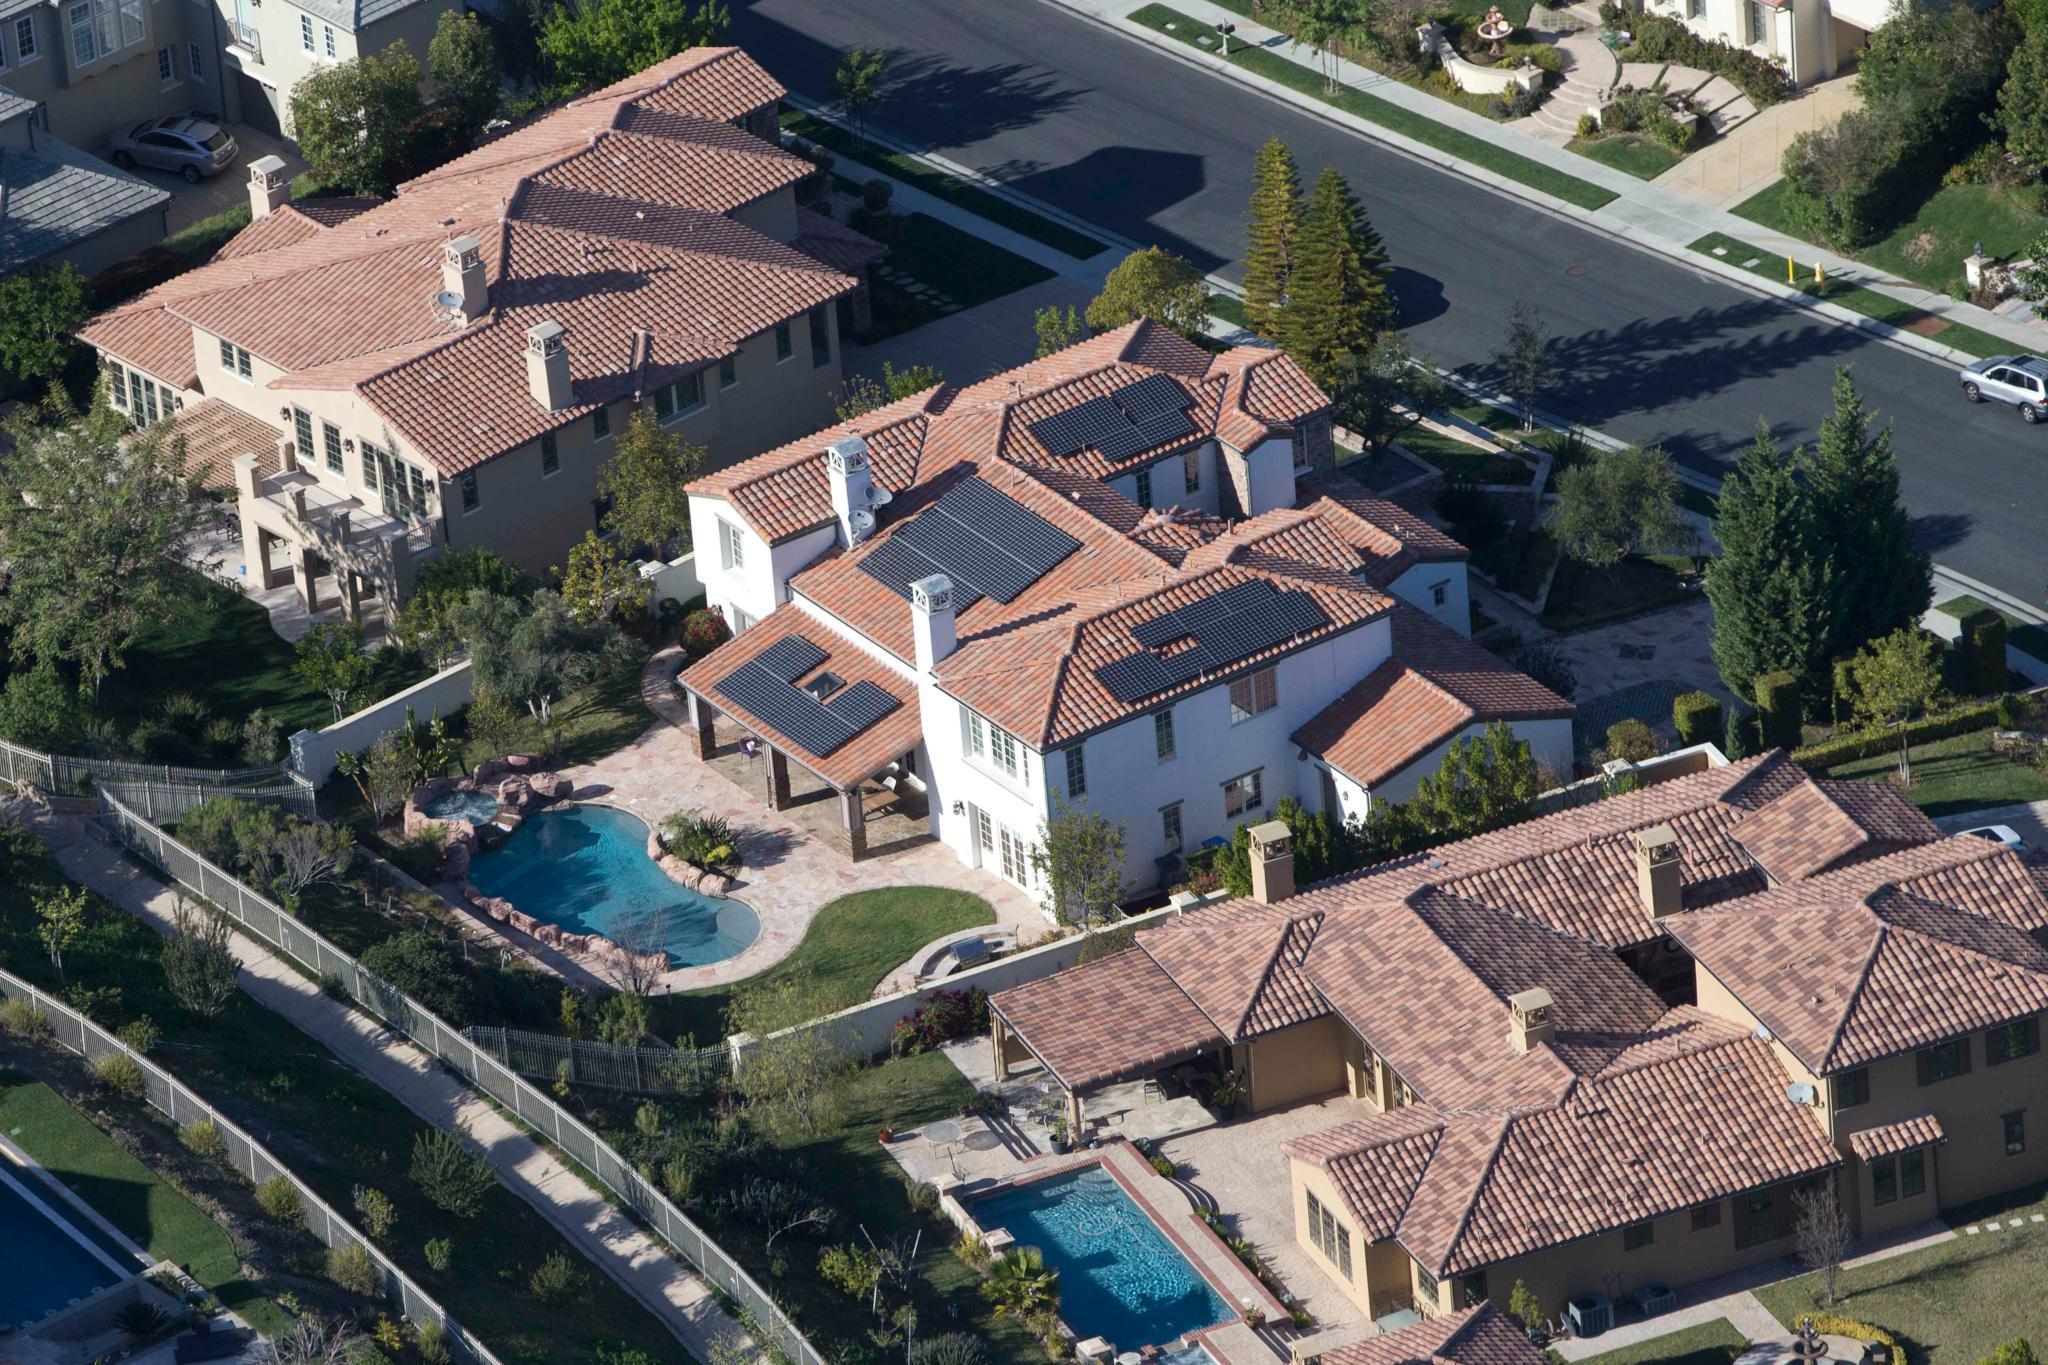 kylie jenner wie konnte sie sich eine 2 5 millionen teure villa leisten. Black Bedroom Furniture Sets. Home Design Ideas